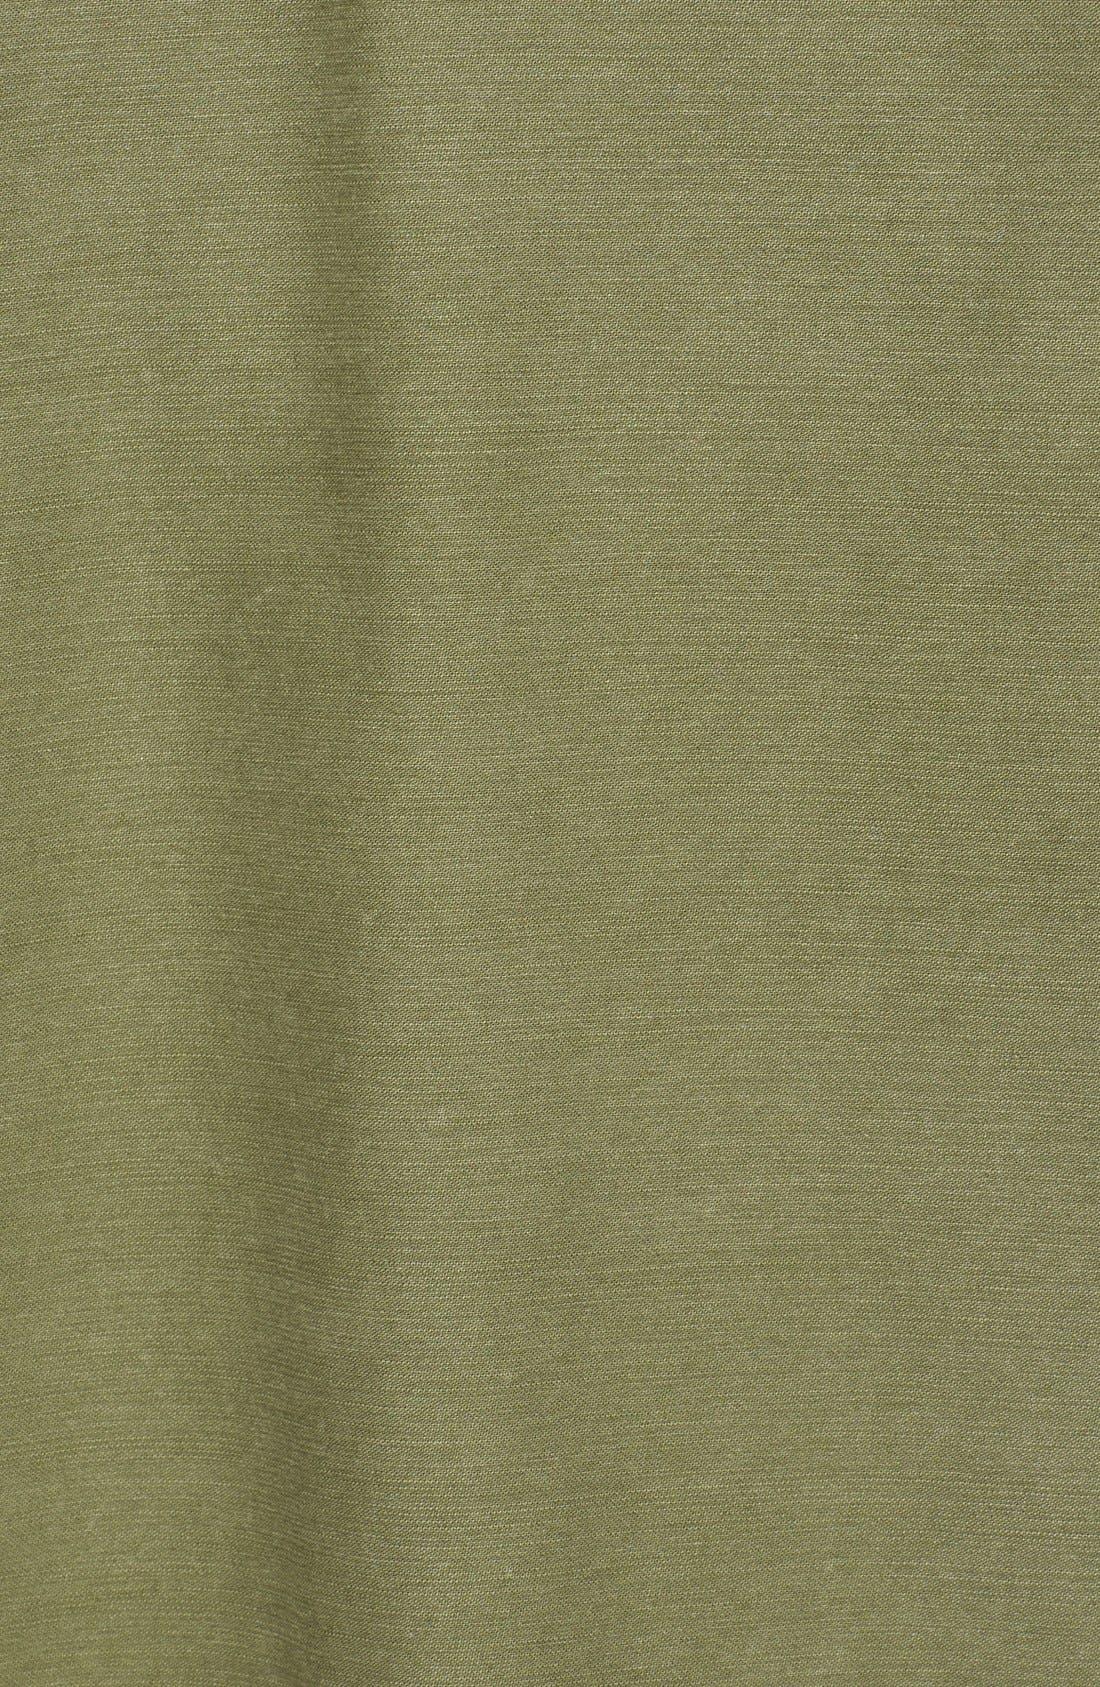 Alternate Image 5  - Kate Moss for Equipment 'Major' Shirt Jacket